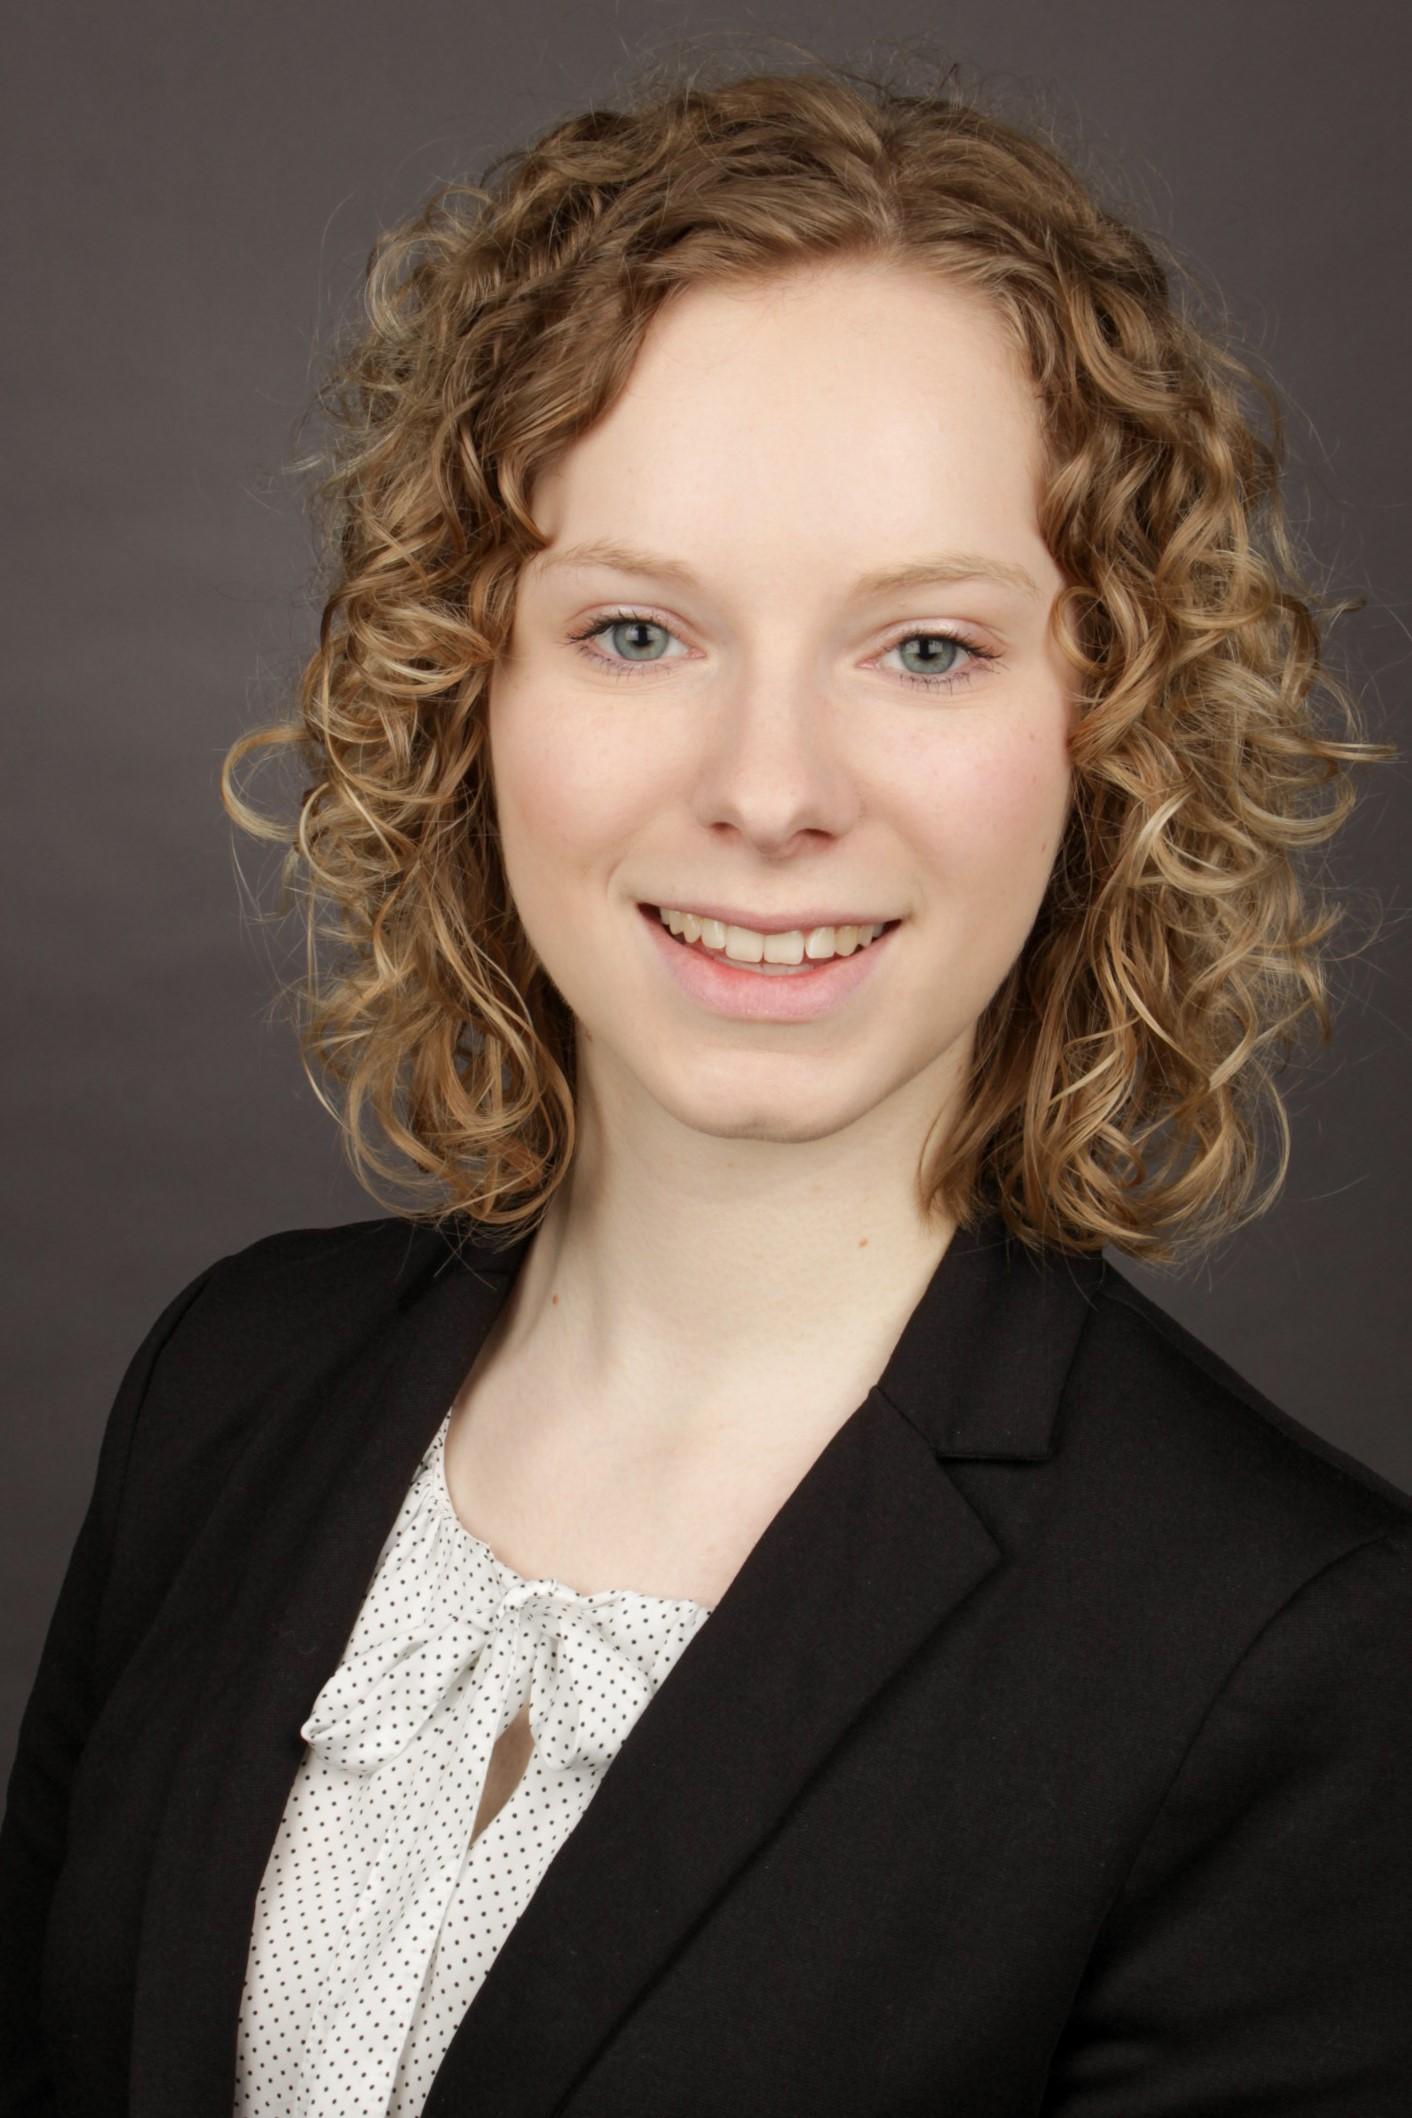 Melanie Walther